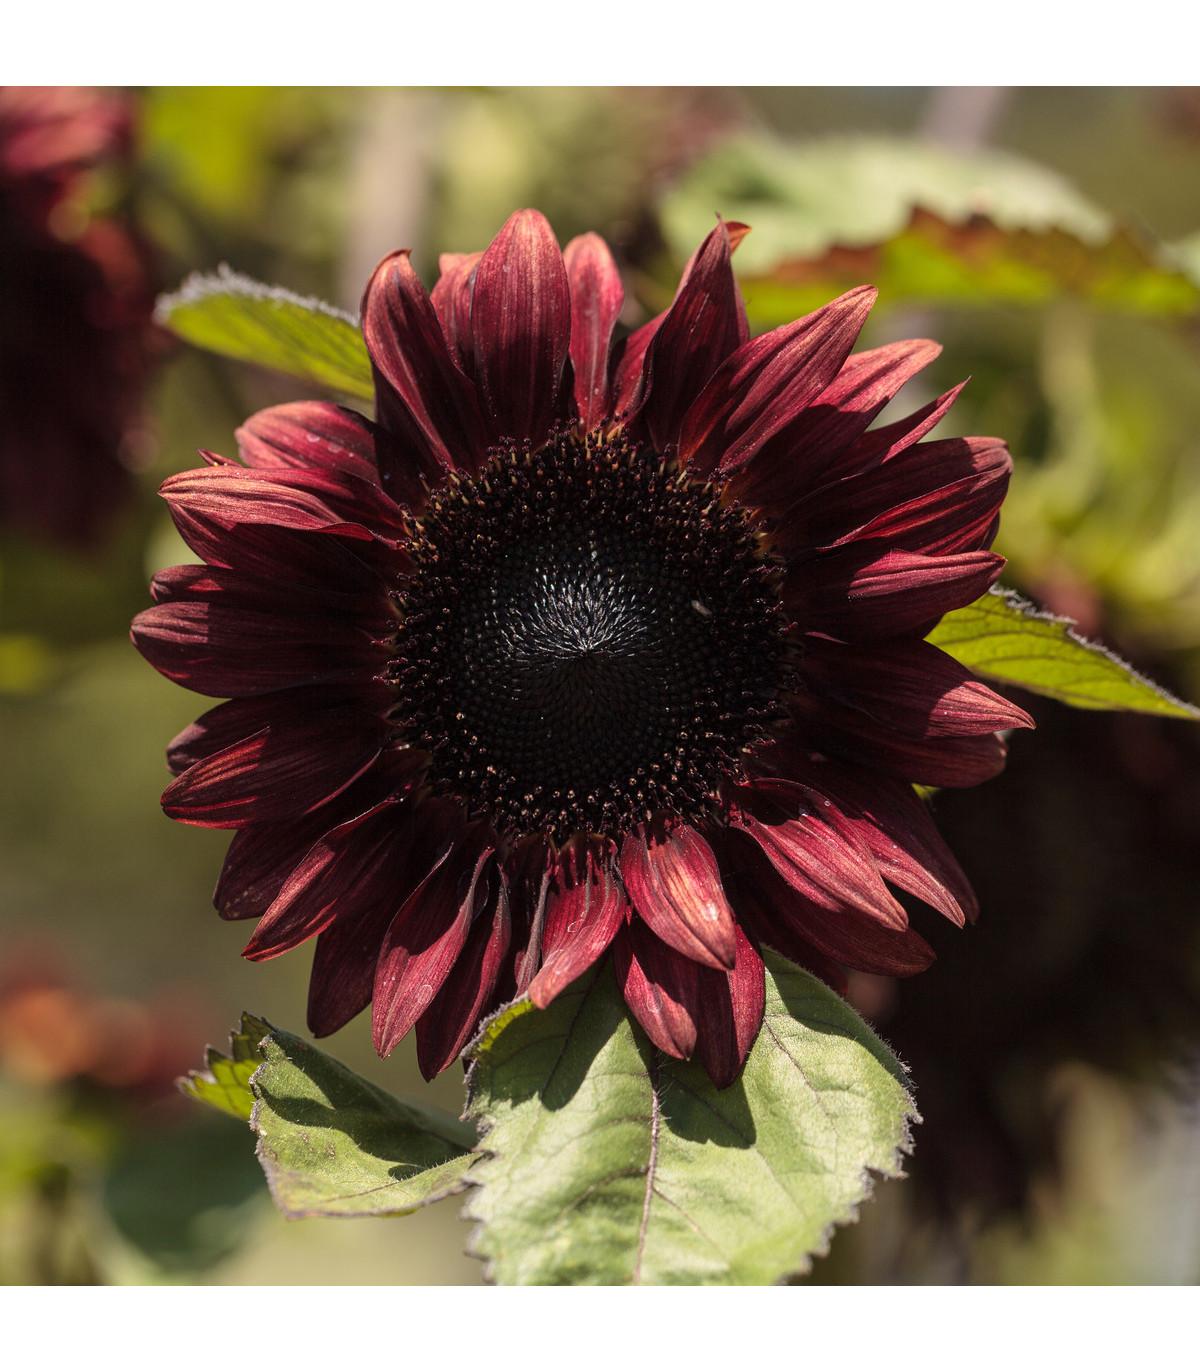 Slunečnice roční F1 červená Double dandy - semena Slunečnice - Helianthus annuus - 6 ks